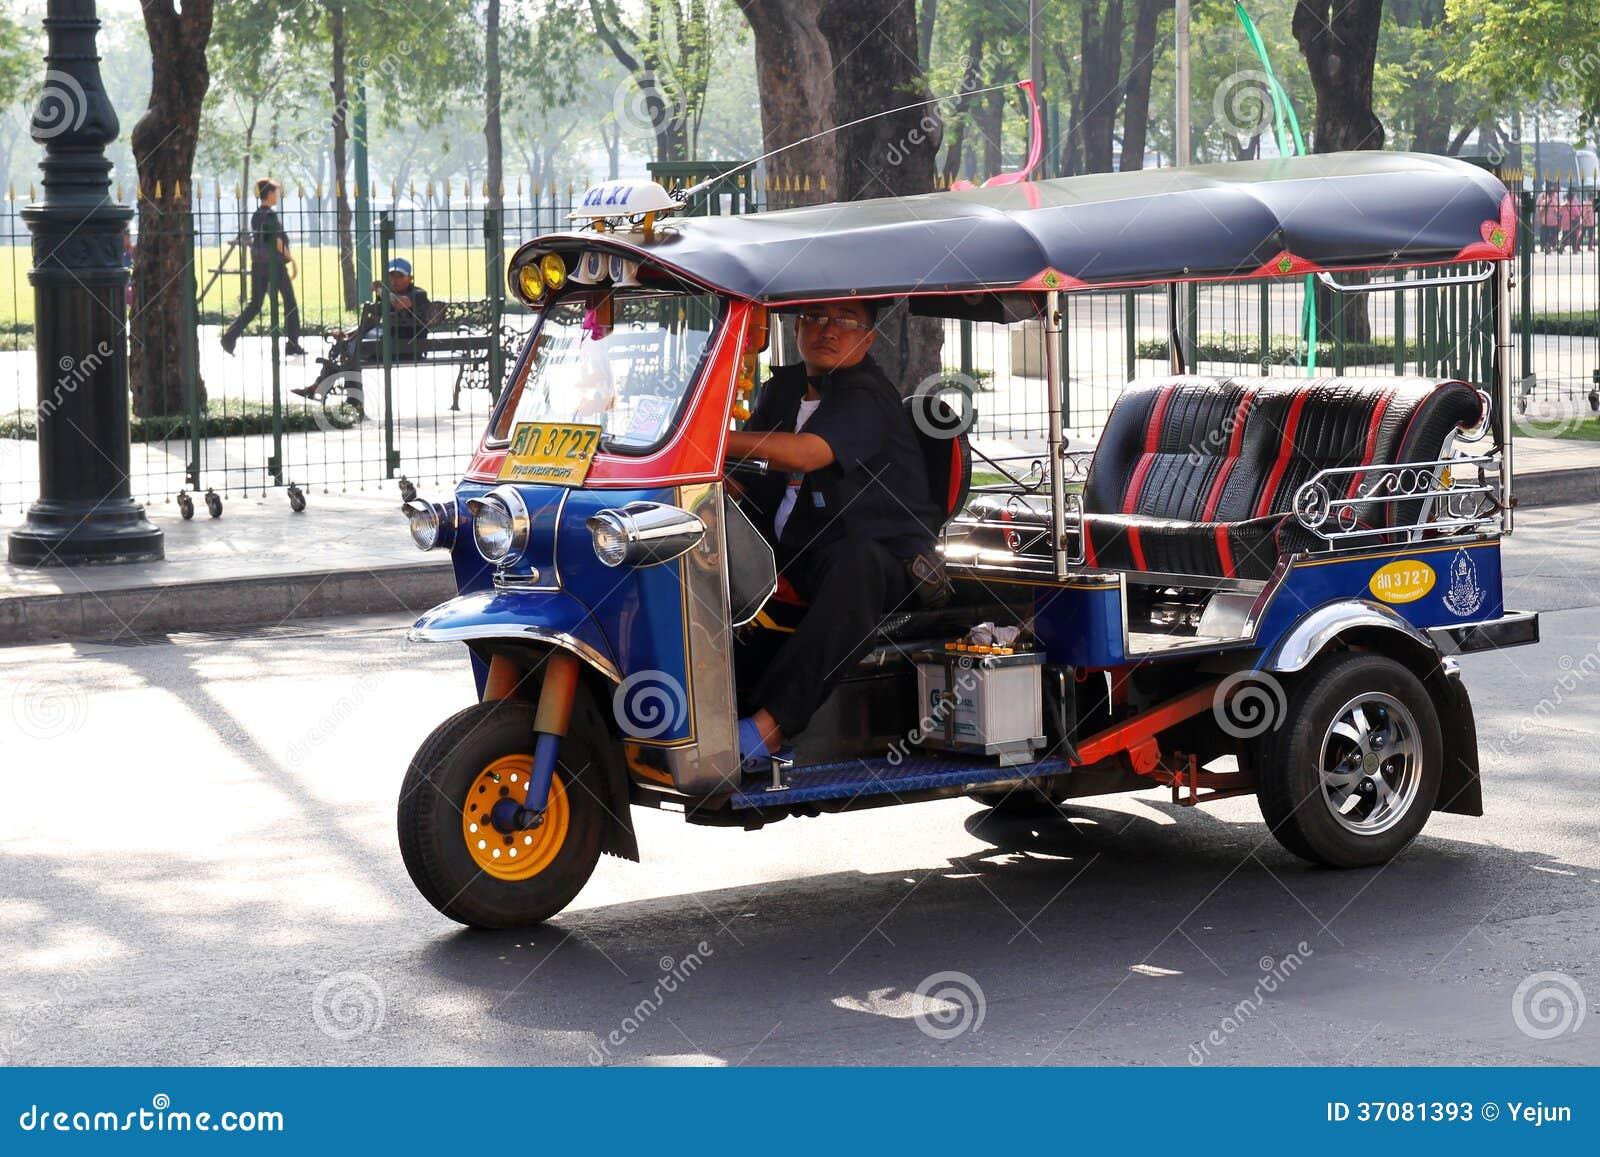 Download TUKU TUK Tajlandia taxi zdjęcie stock editorial. Obraz złożonej z pojazd - 37081393